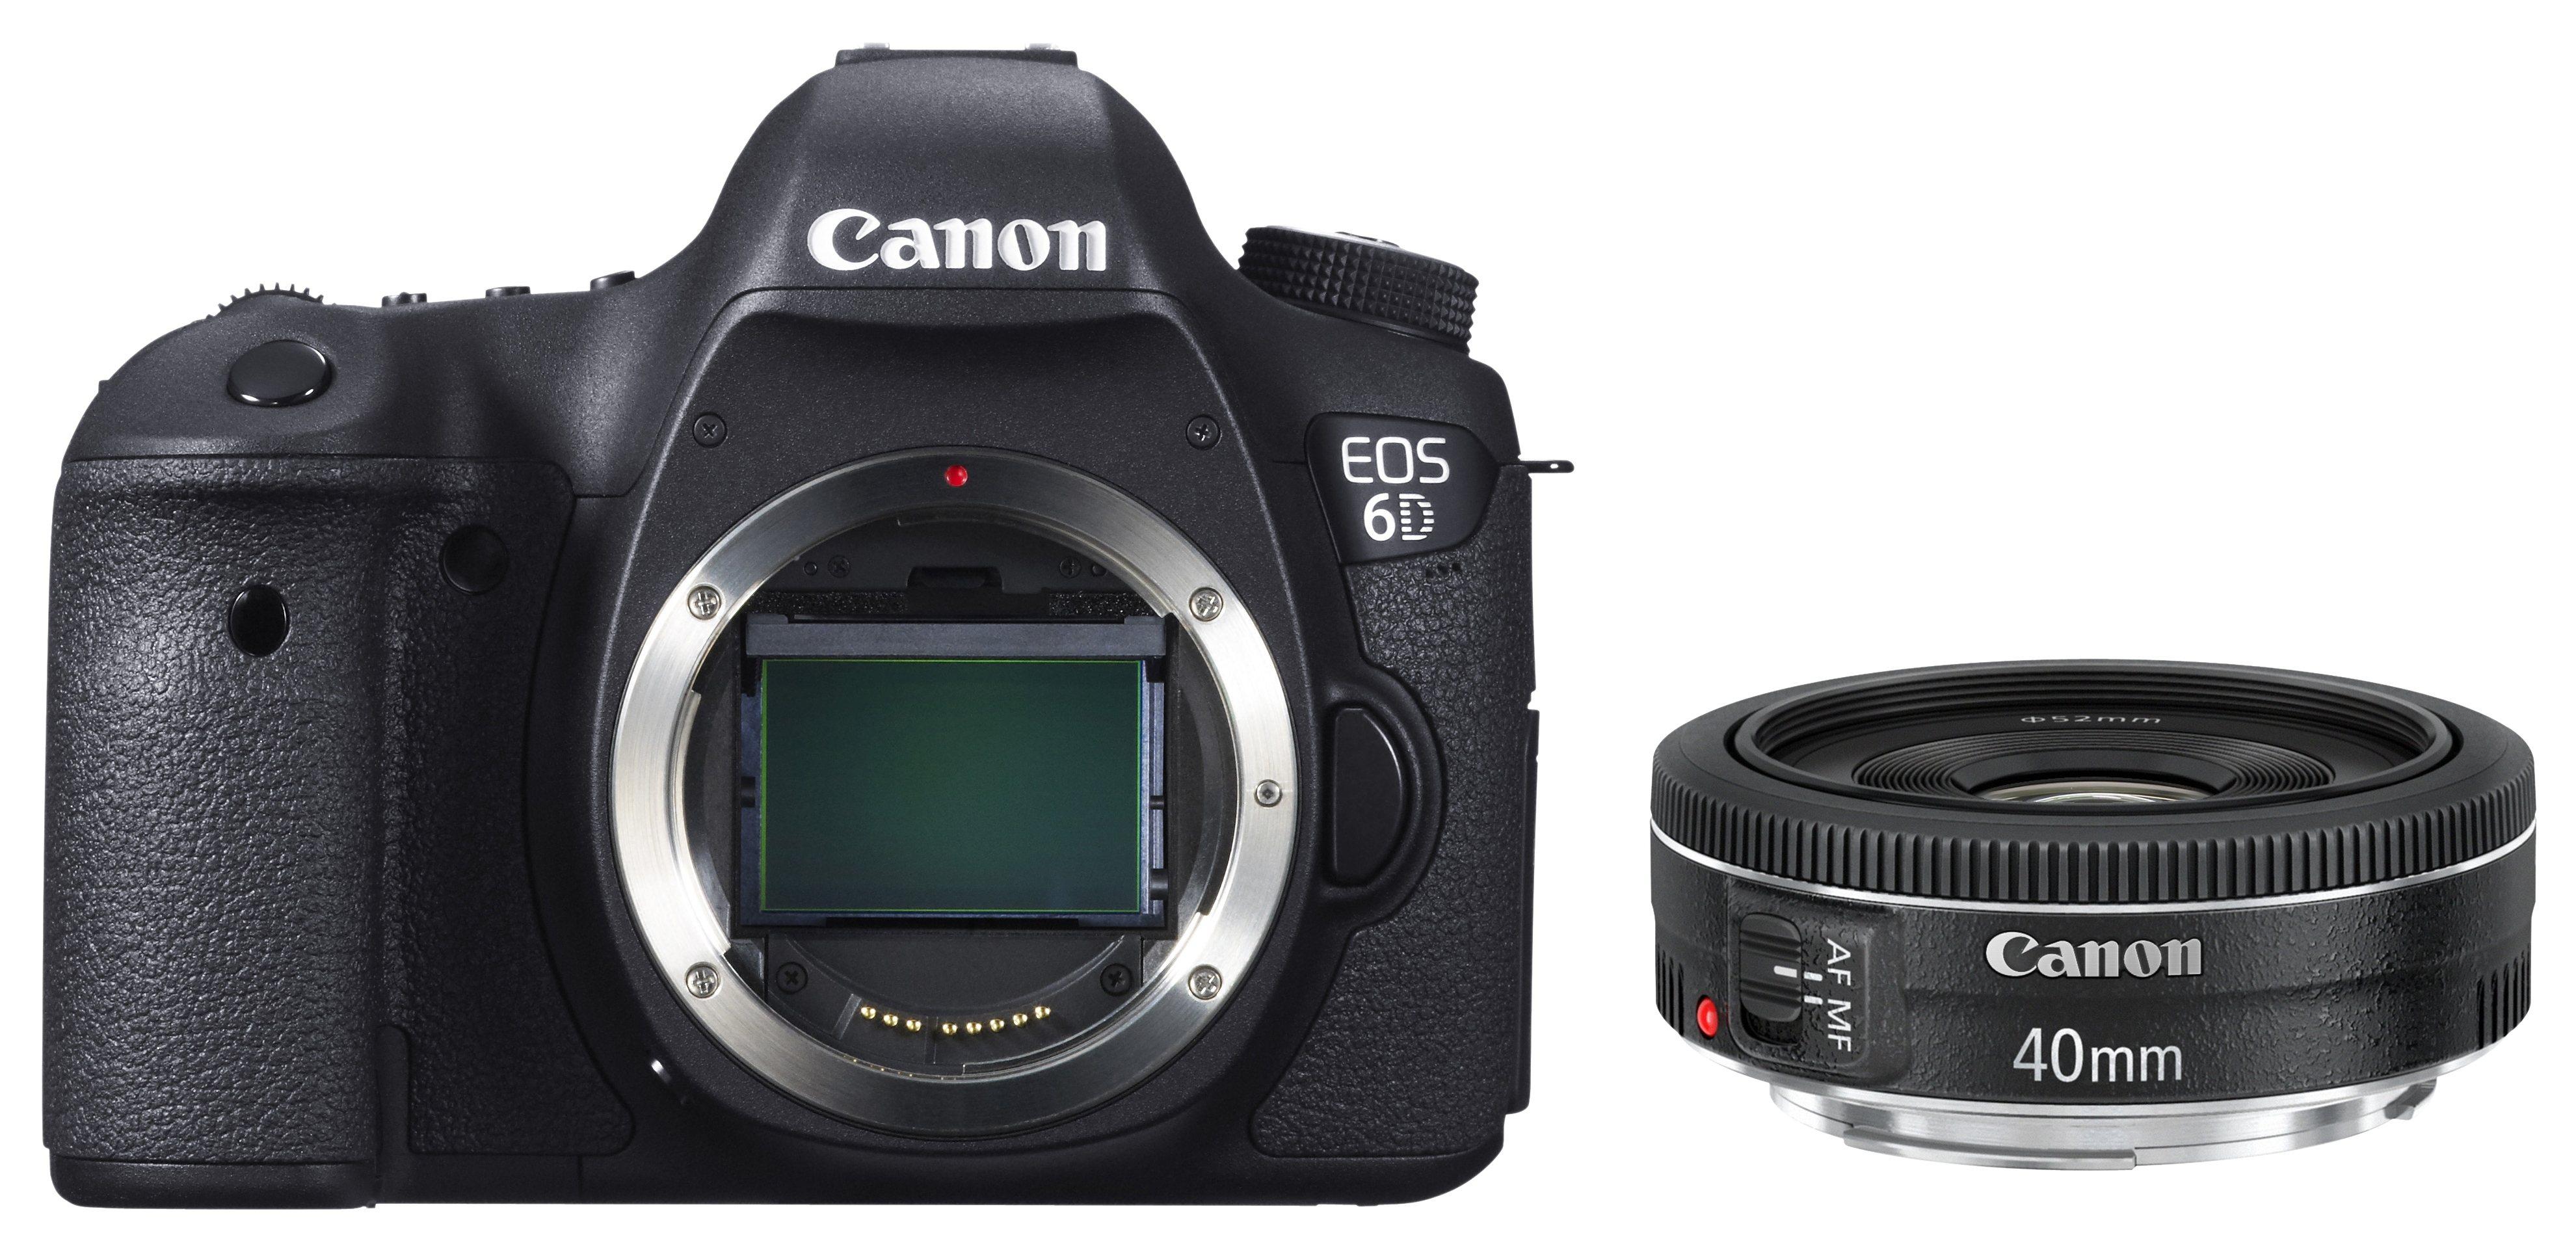 Canon EOS 6D Spiegelreflex Kamera, EF 40 STM F2...